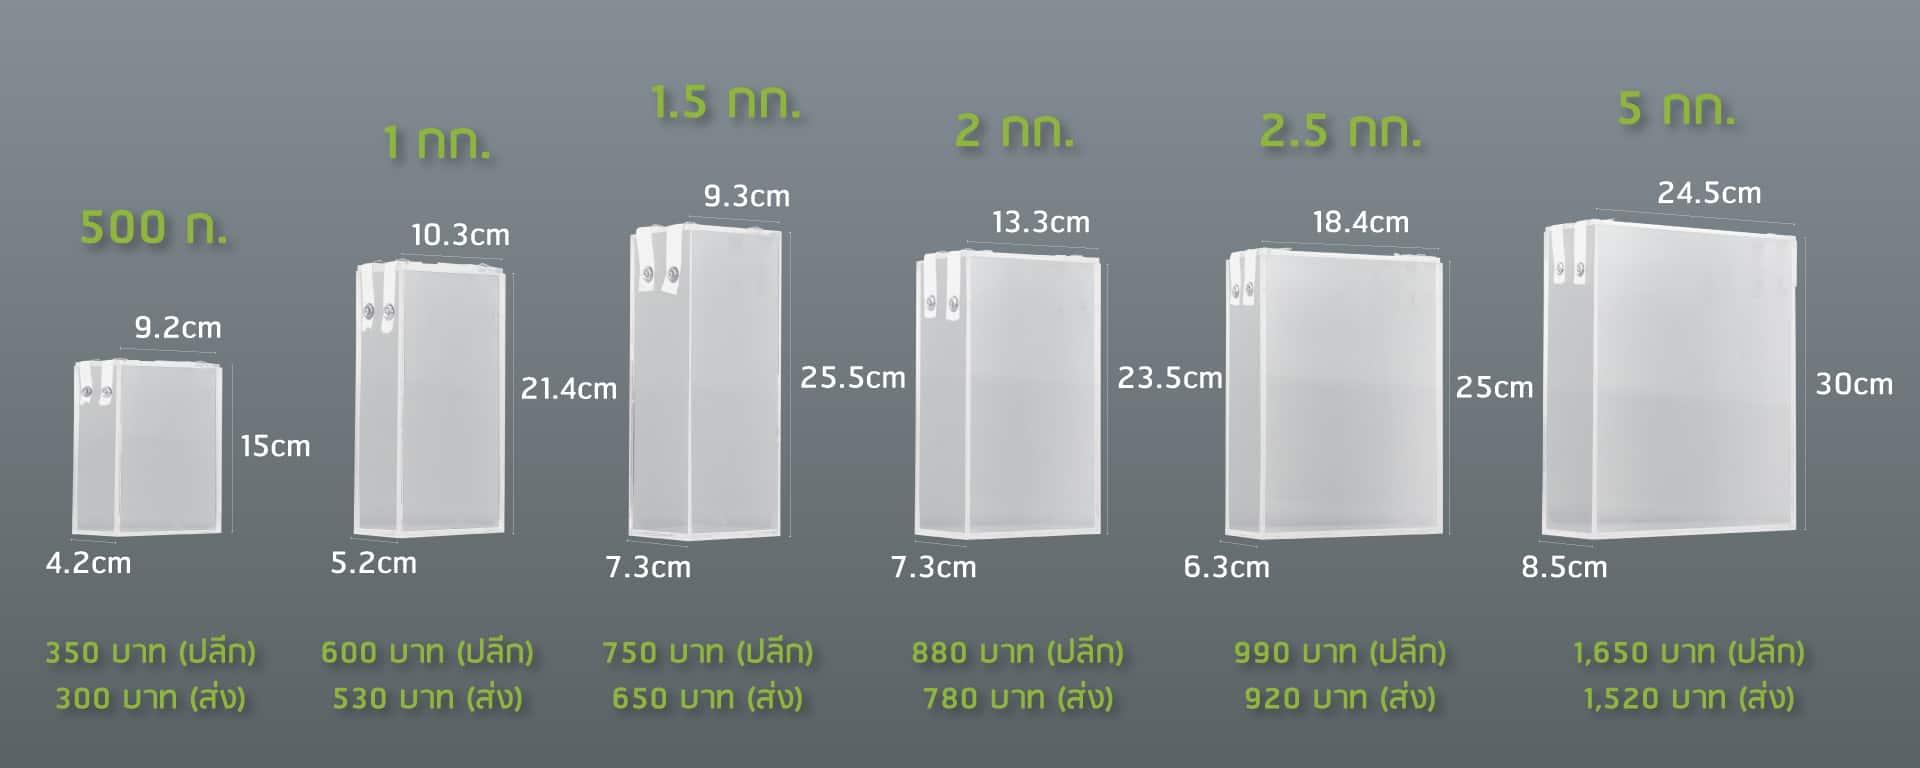 กล่องซีลข้าว-5-size